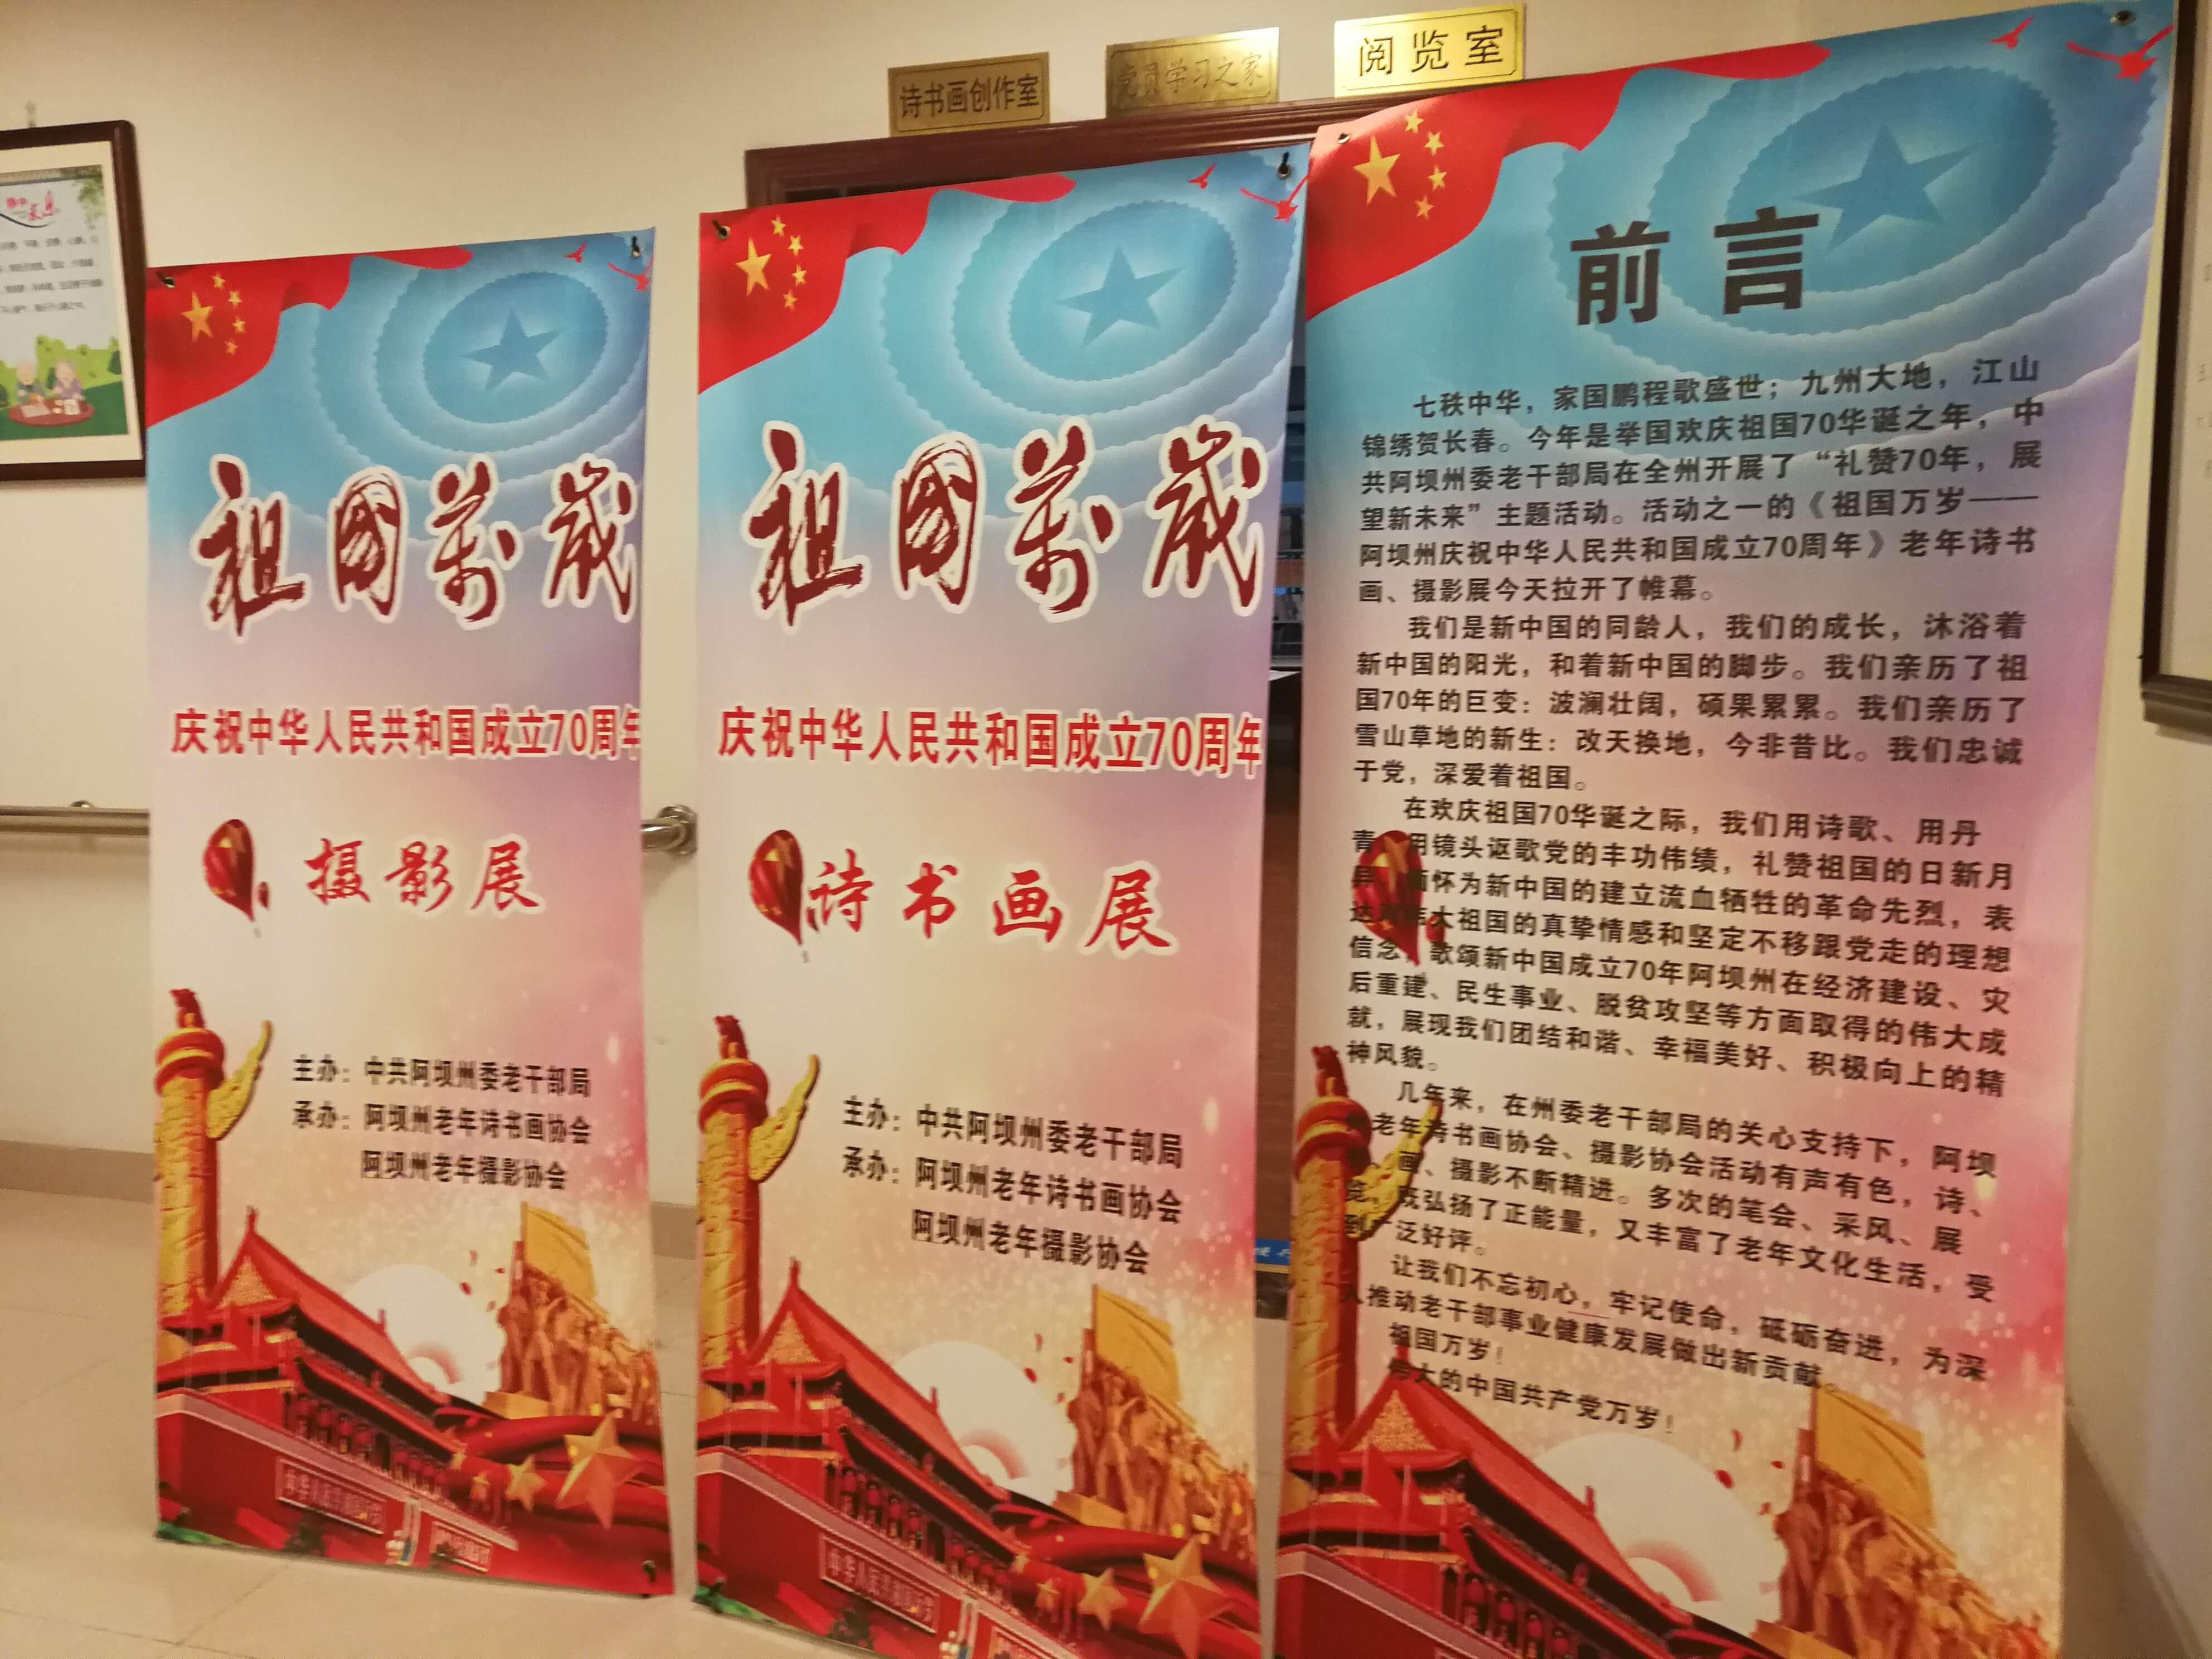 阿坝州老干部系统开展庆祝新中国成立70周年系列主题活动